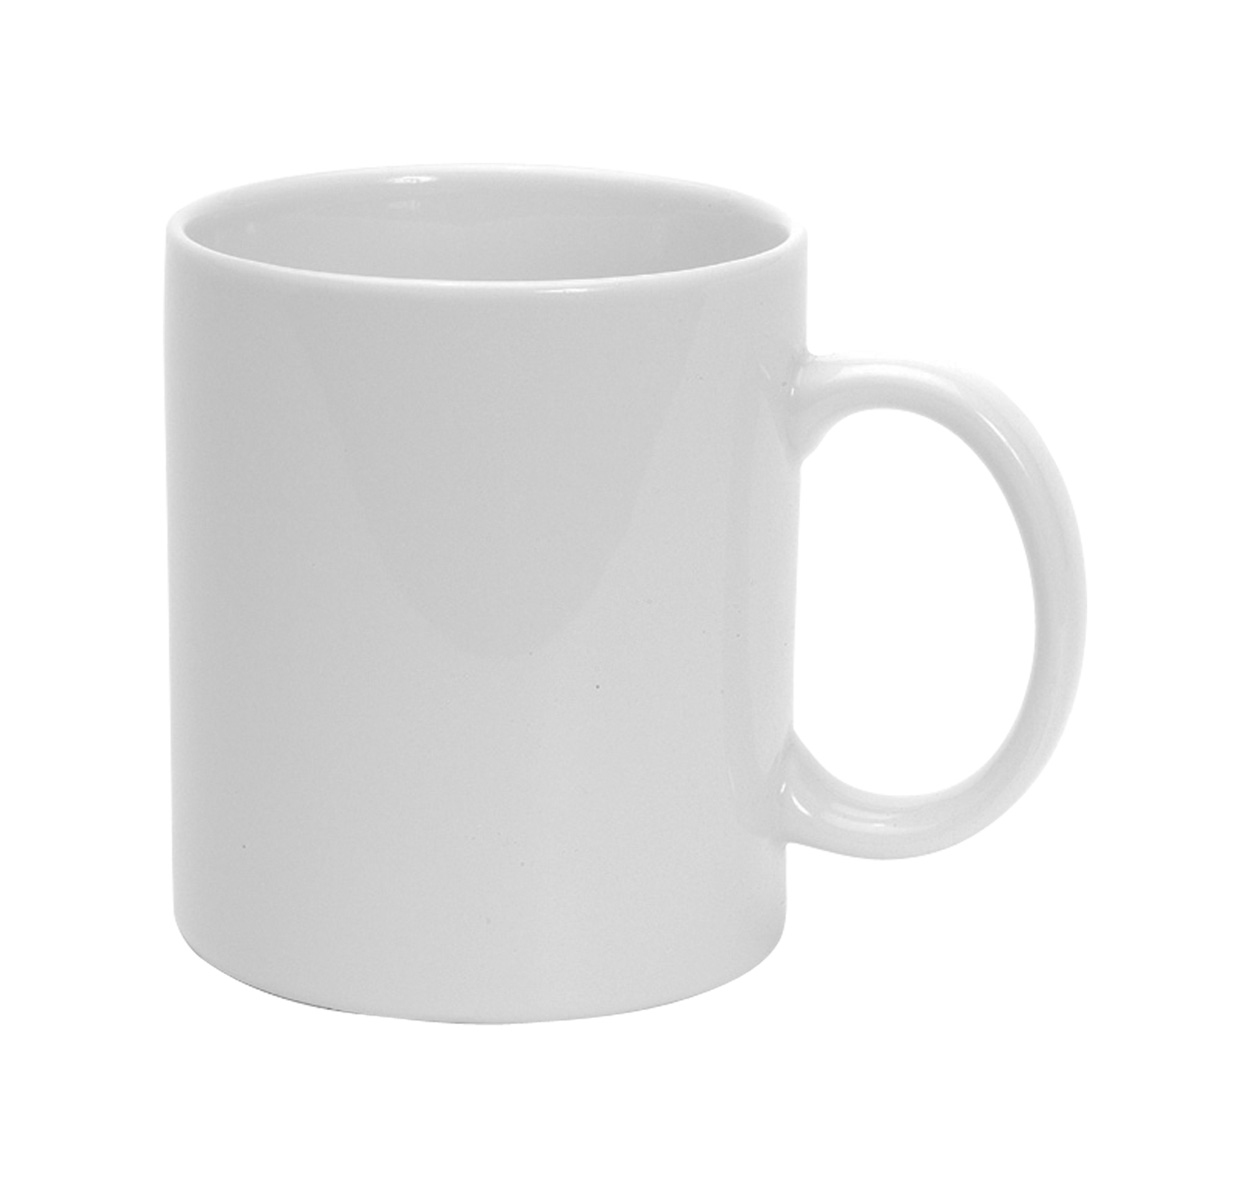 Honan mug